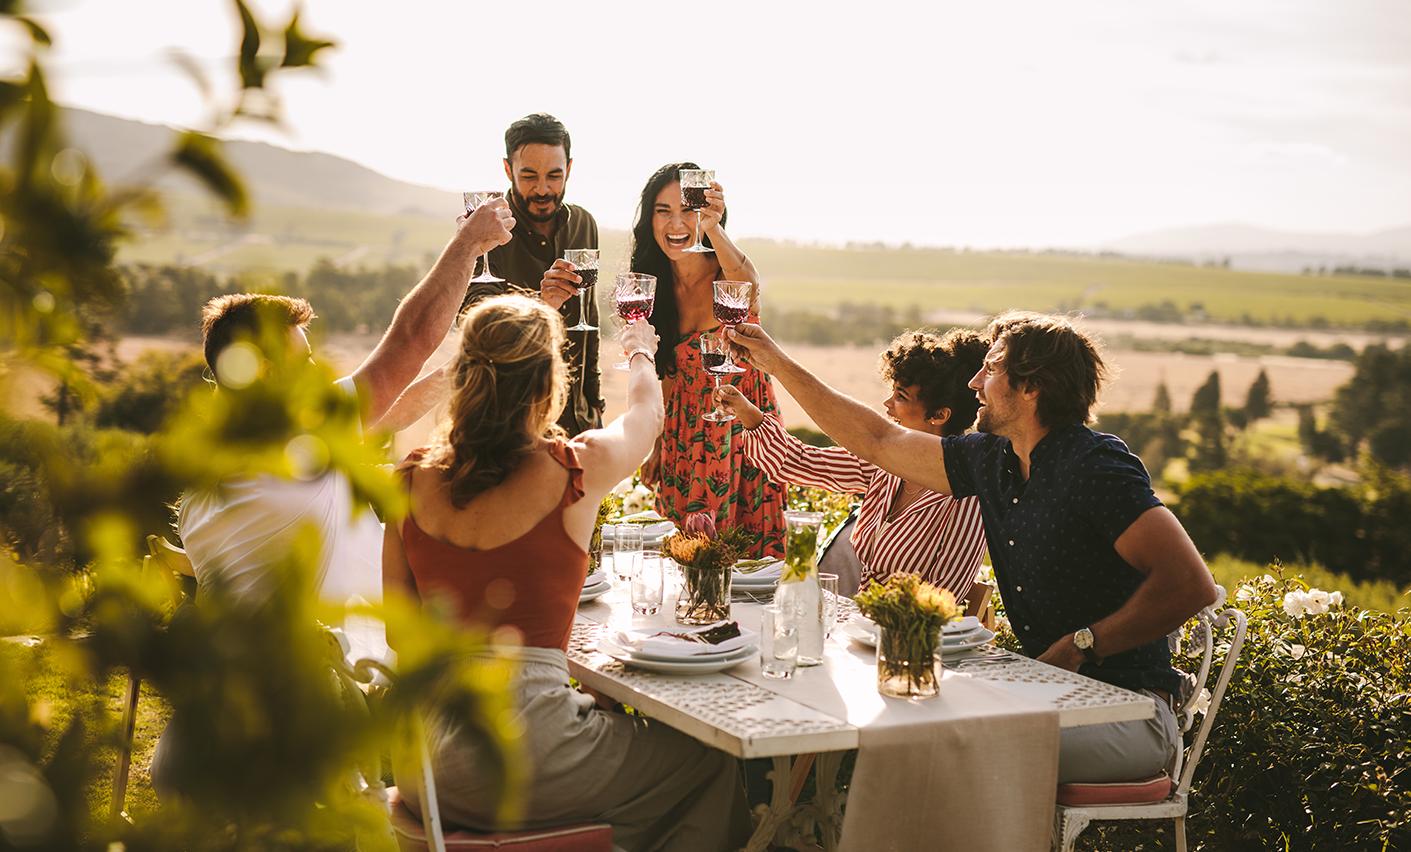 Un gruppo di amici a tavola passano il tempo allegramente mangiando le DOP Piacentine  e brindando con vino rosso